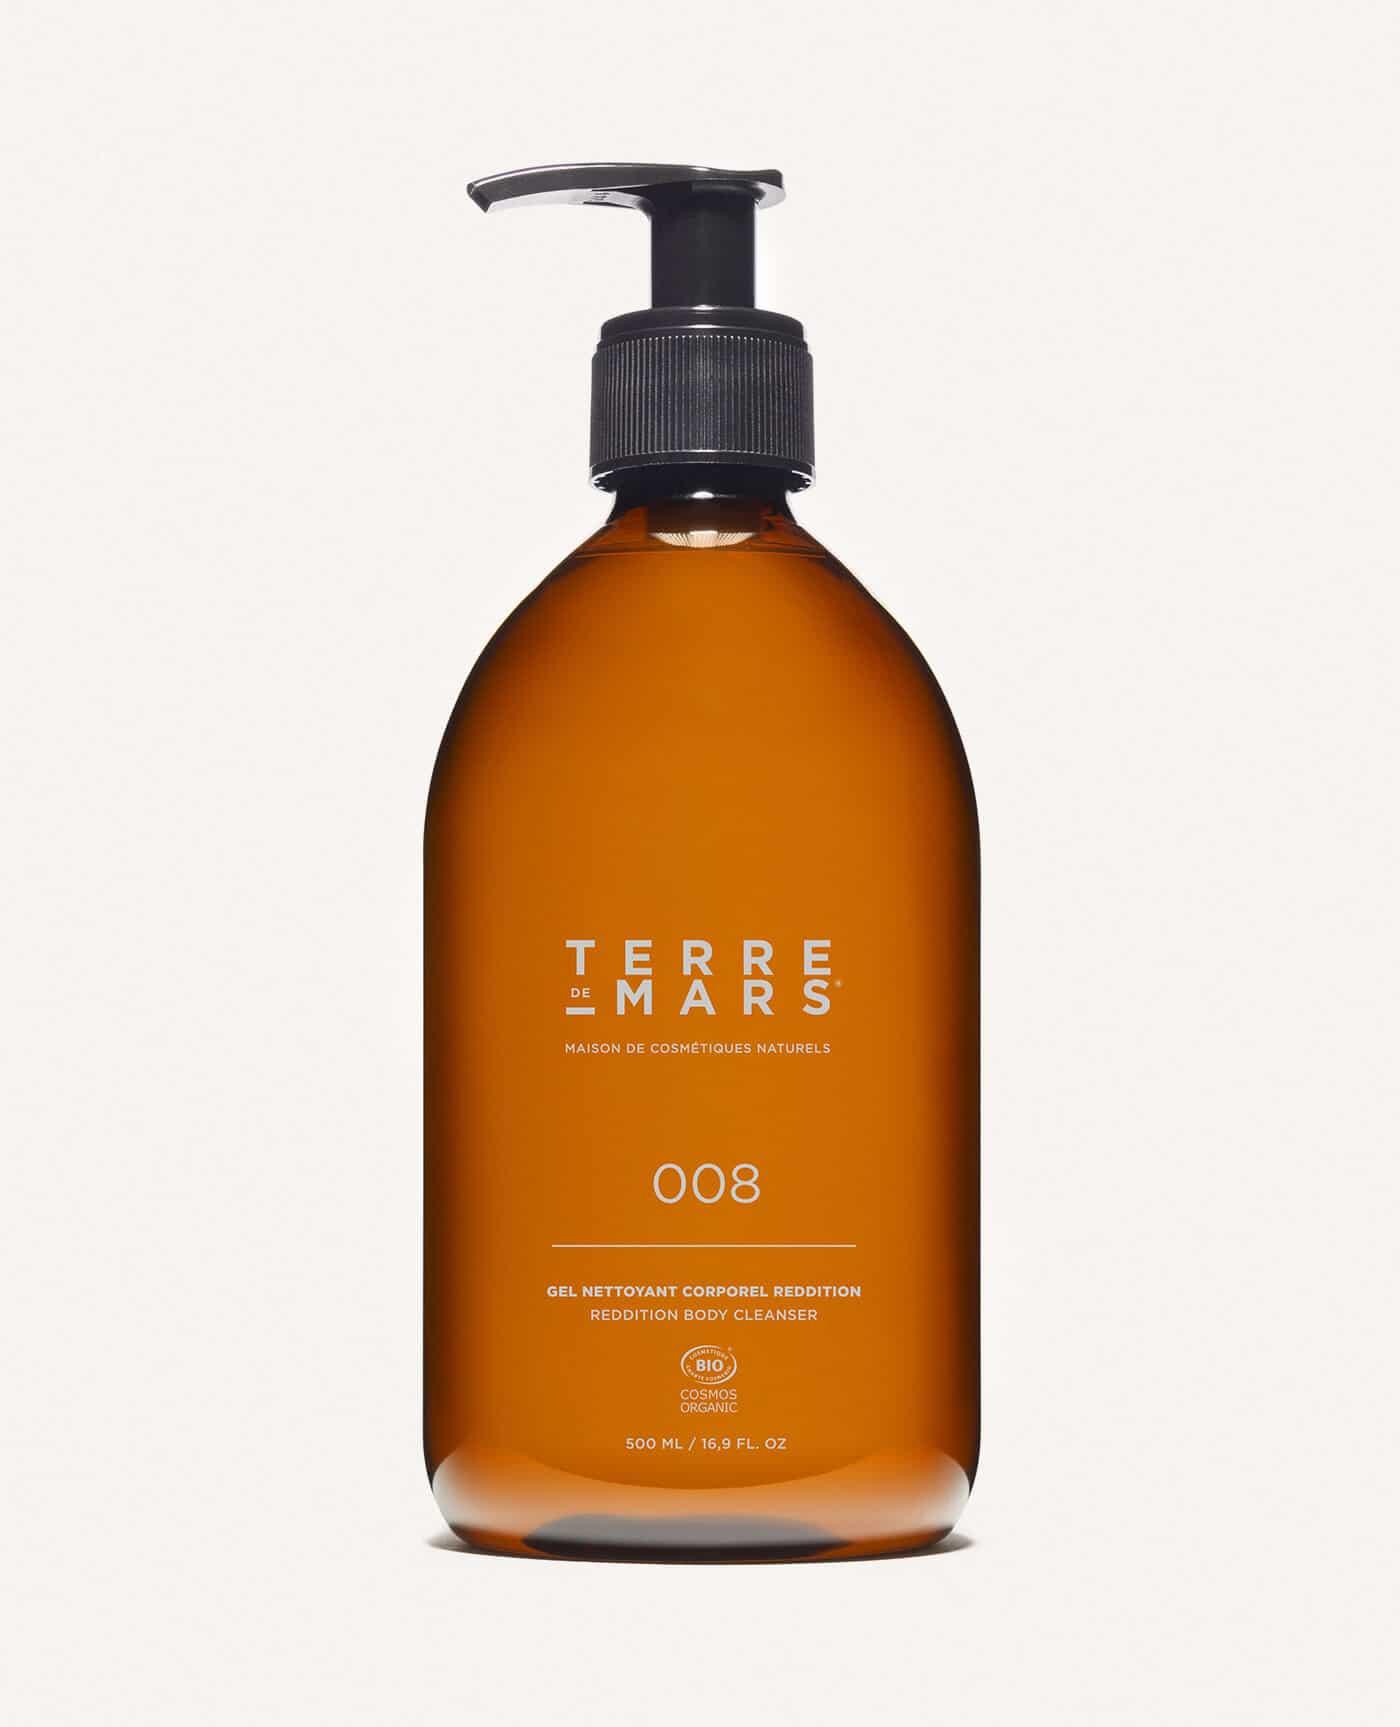 Gel nettoyant corporel bio et vegan reddition pour la douche de la marque Terre de Mars